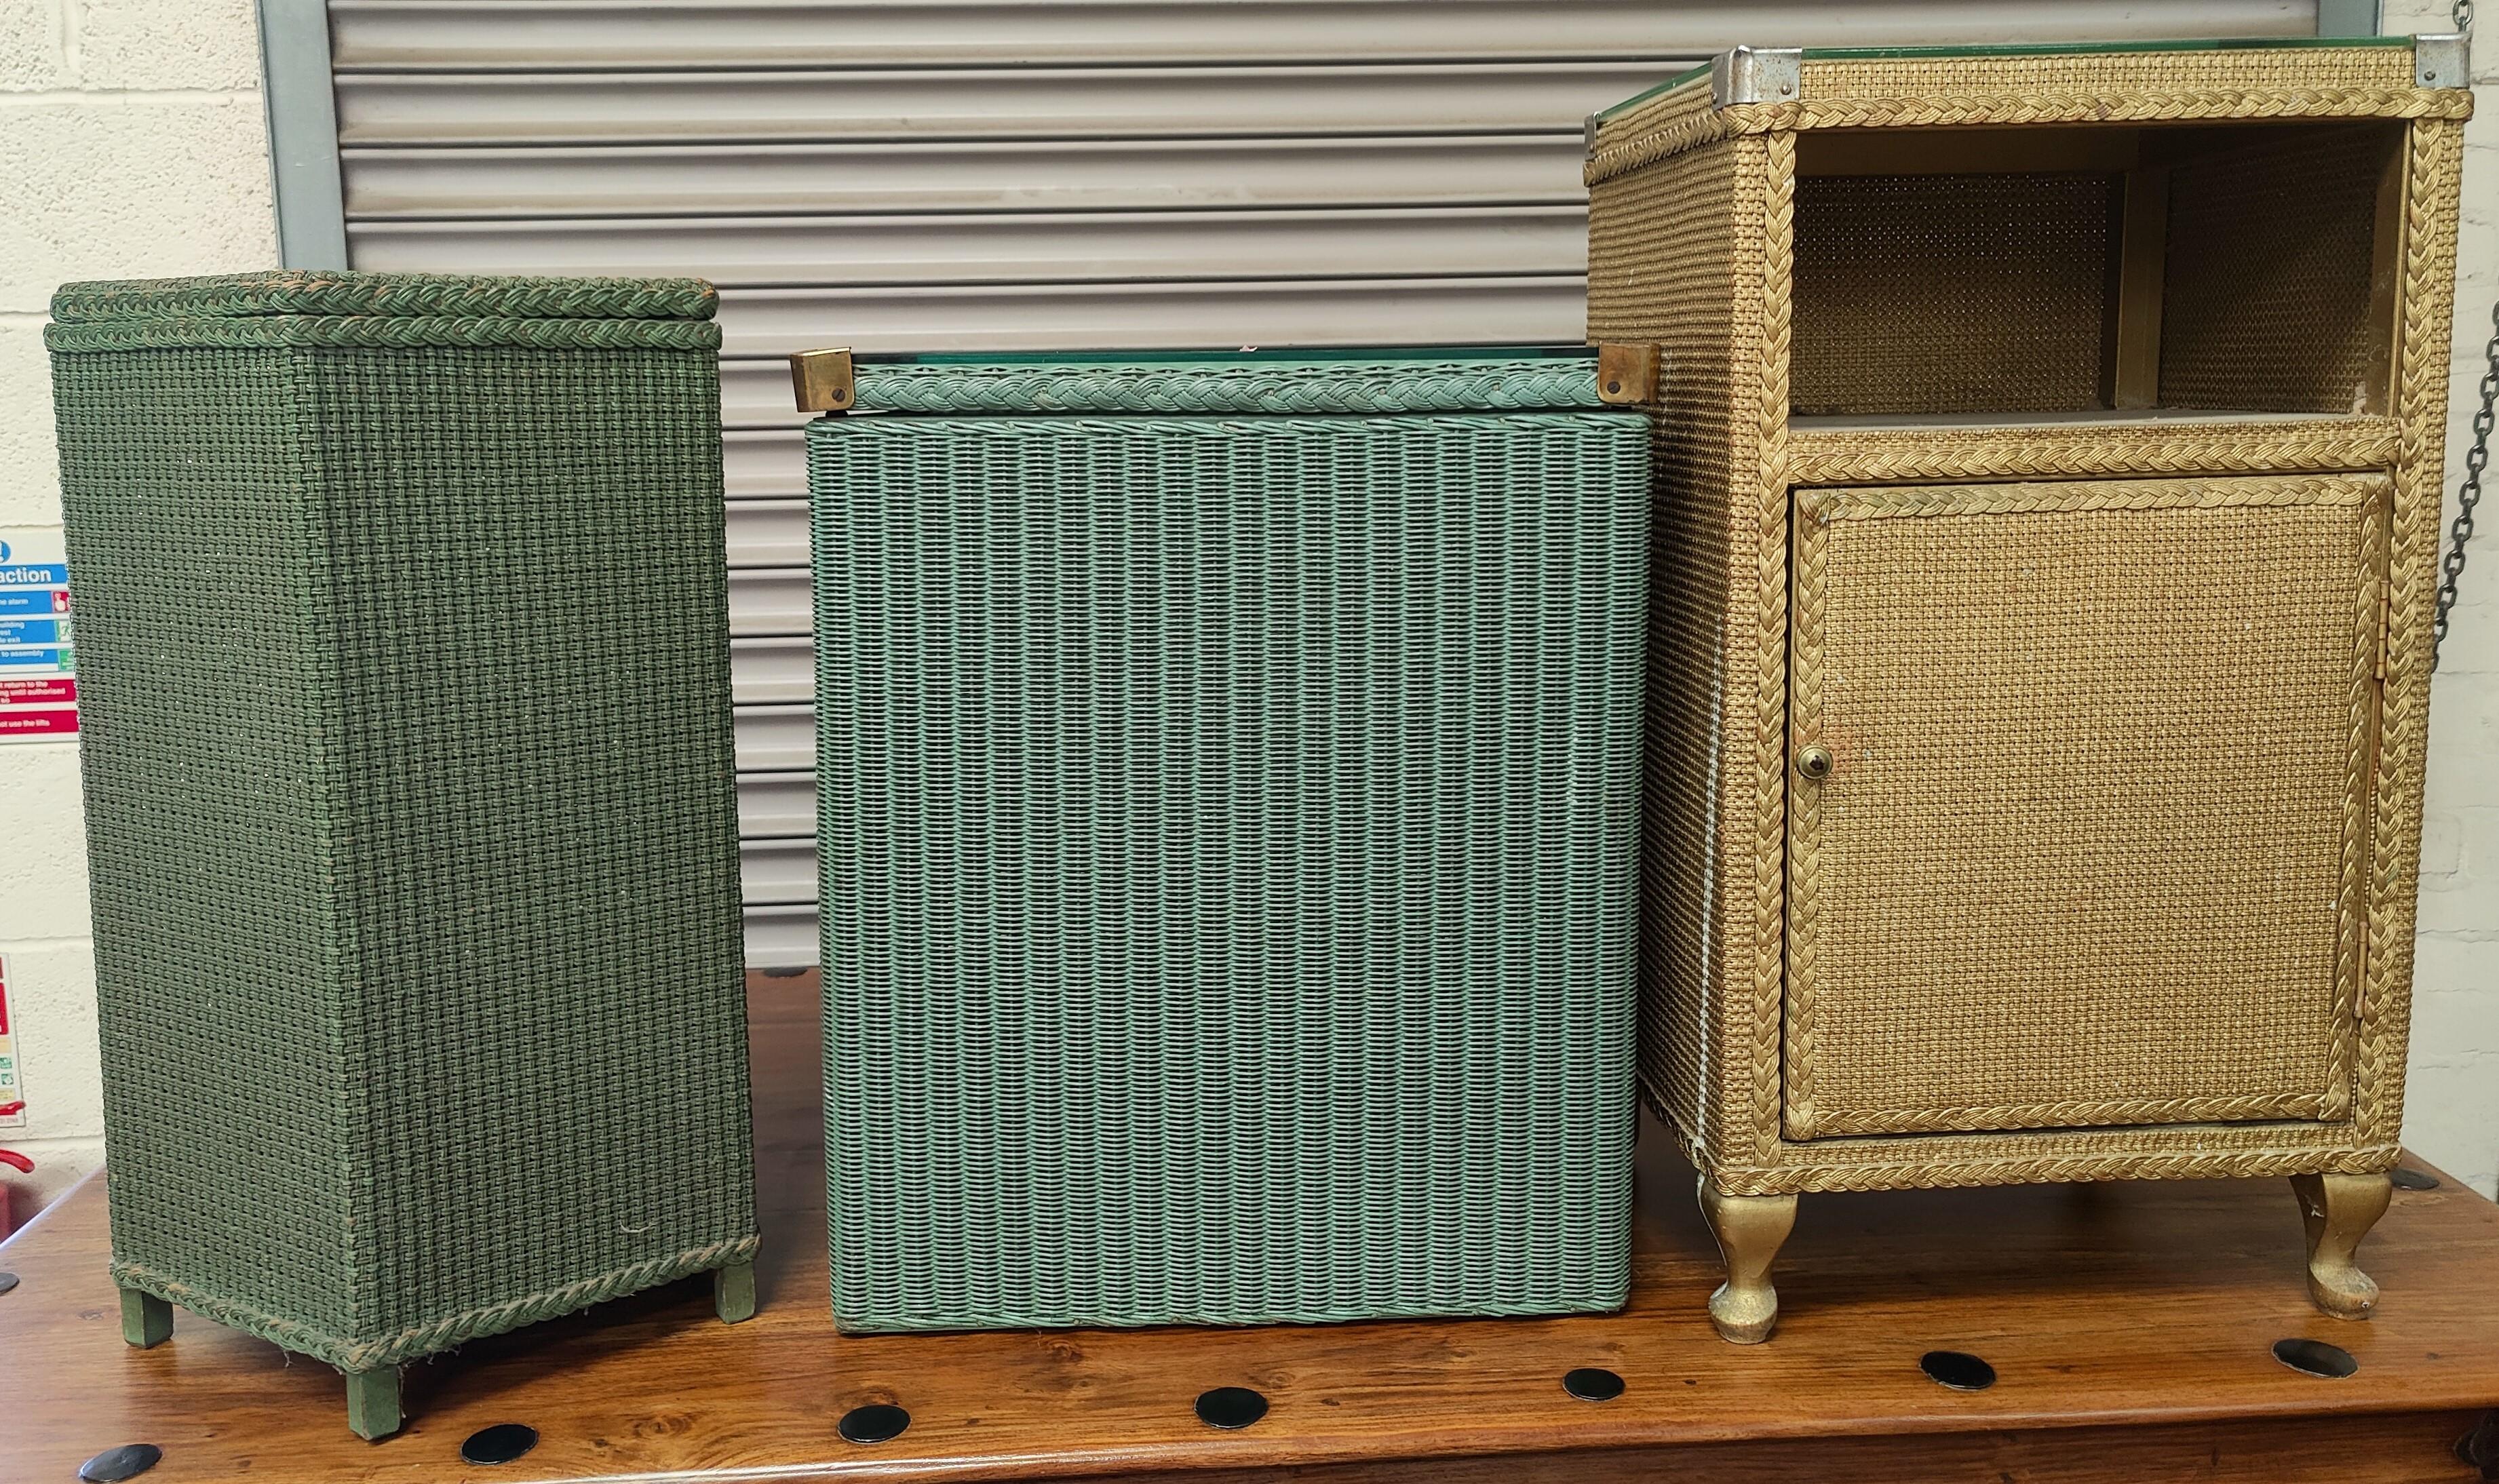 A green Lloyd Loom linen basket; a woven fabric linen basket and ottoman etc